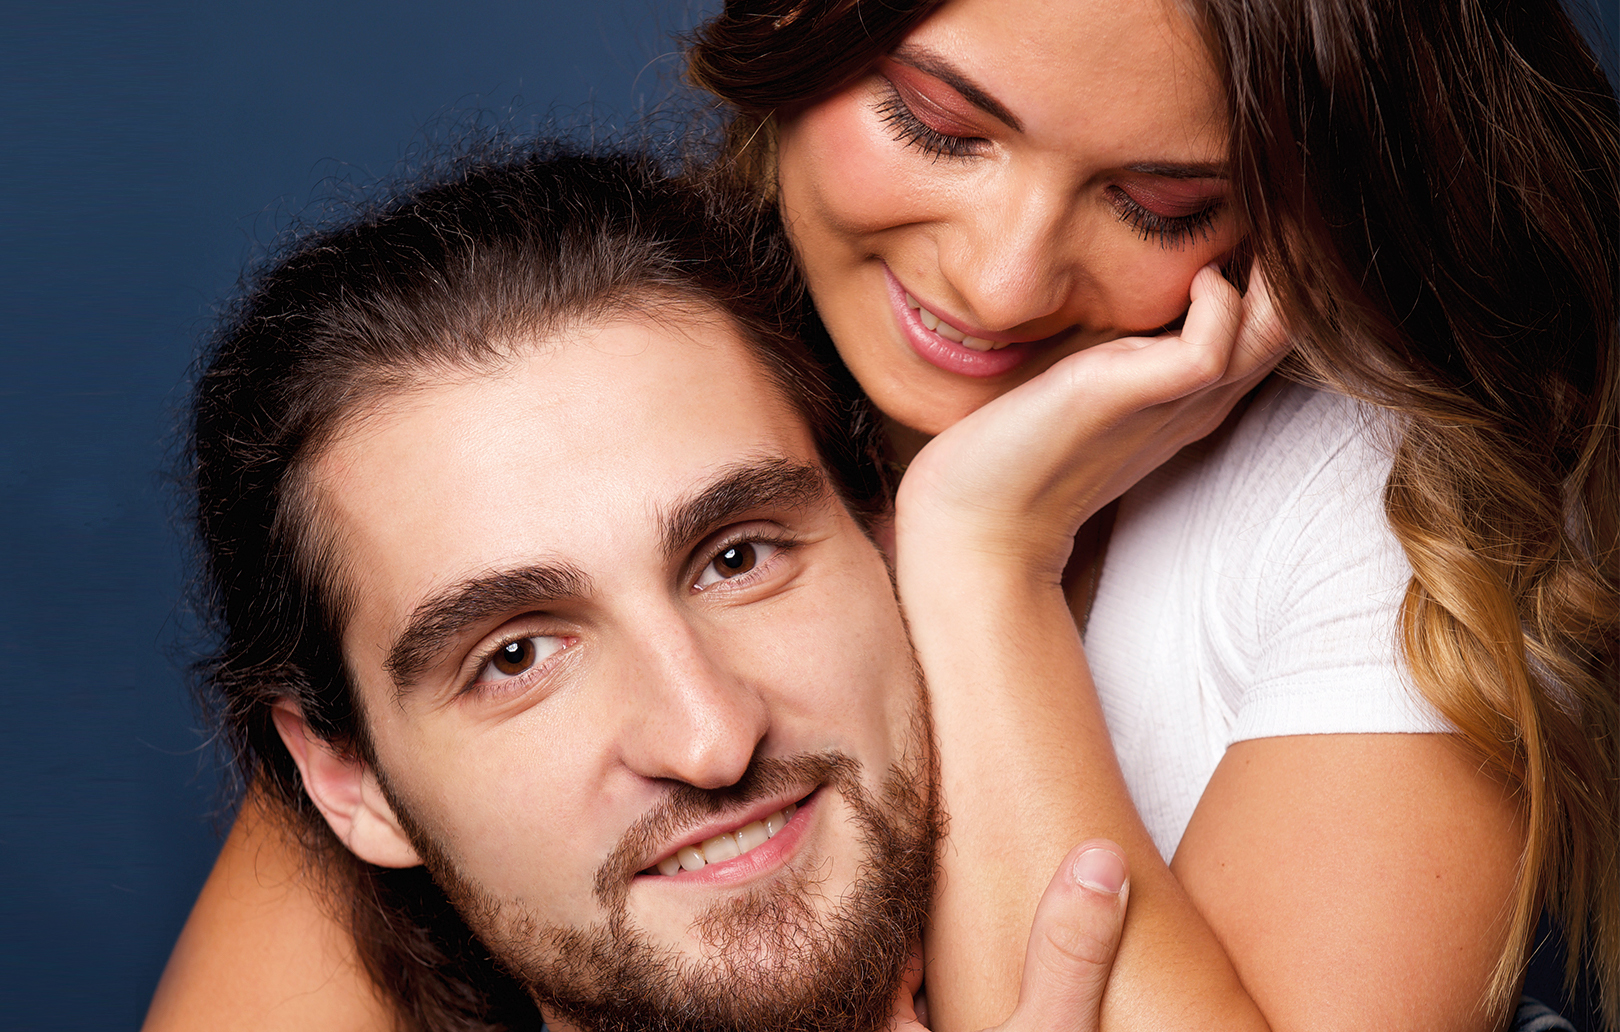 partner-fotoshooting-kiel-bg11617885153